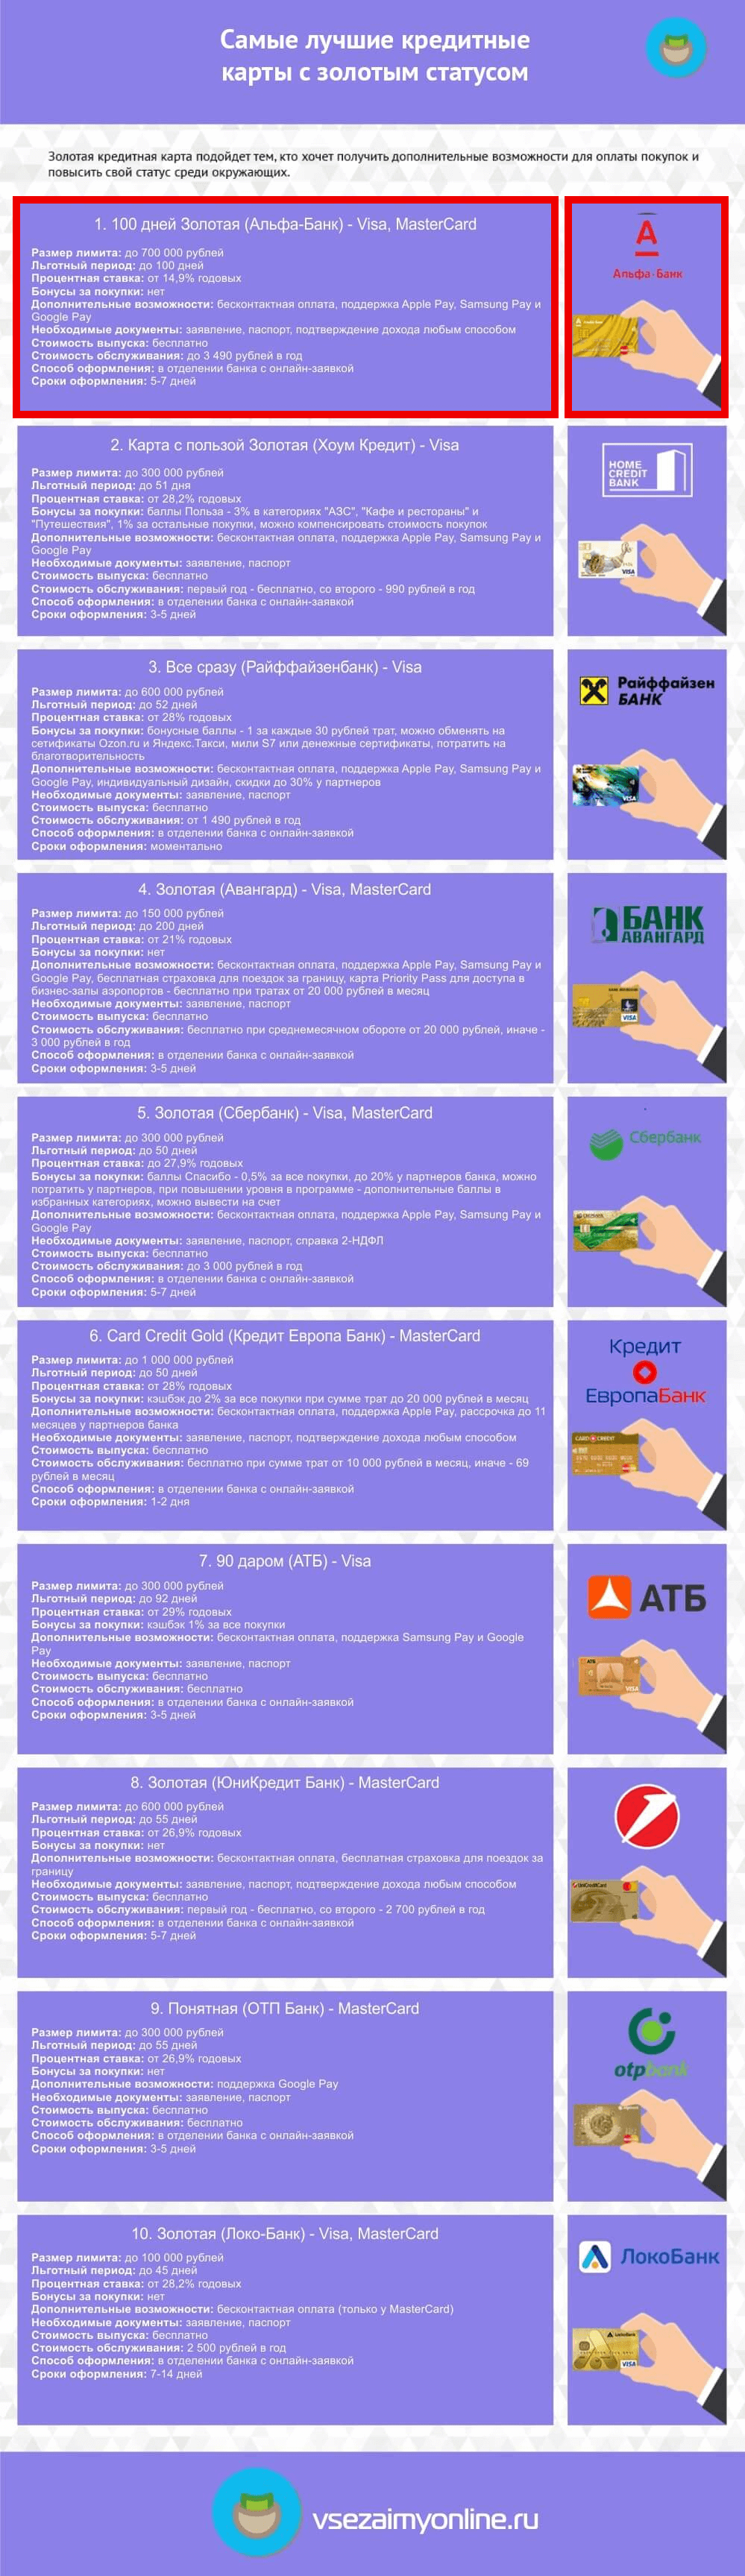 помощь в получении кредита с плохой кредитной историей без предоплаты в москве